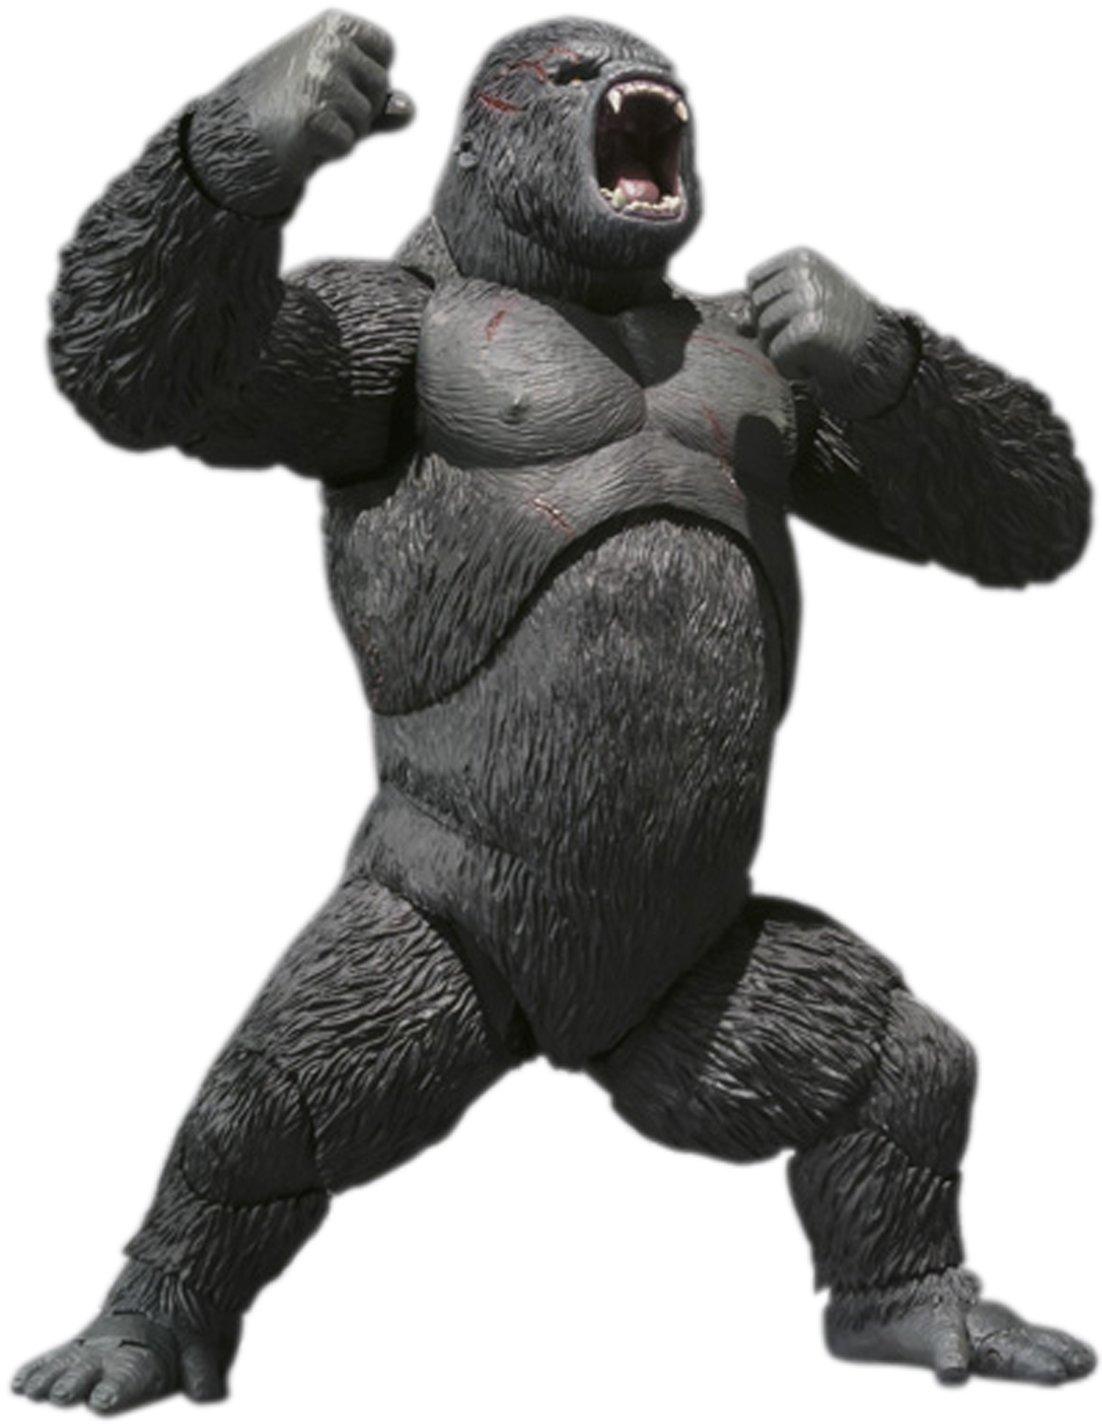 """Bandai Tamashii Nations Kong The 8th Wonder of The World """"King Kong 2005"""" S.H. MonsterArts Action Figure"""